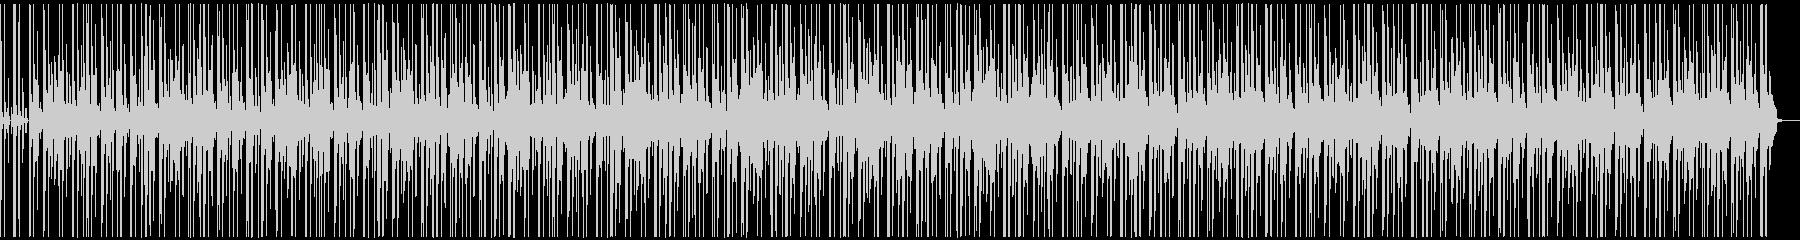 (生音)極上ピアノの切ないビートの未再生の波形